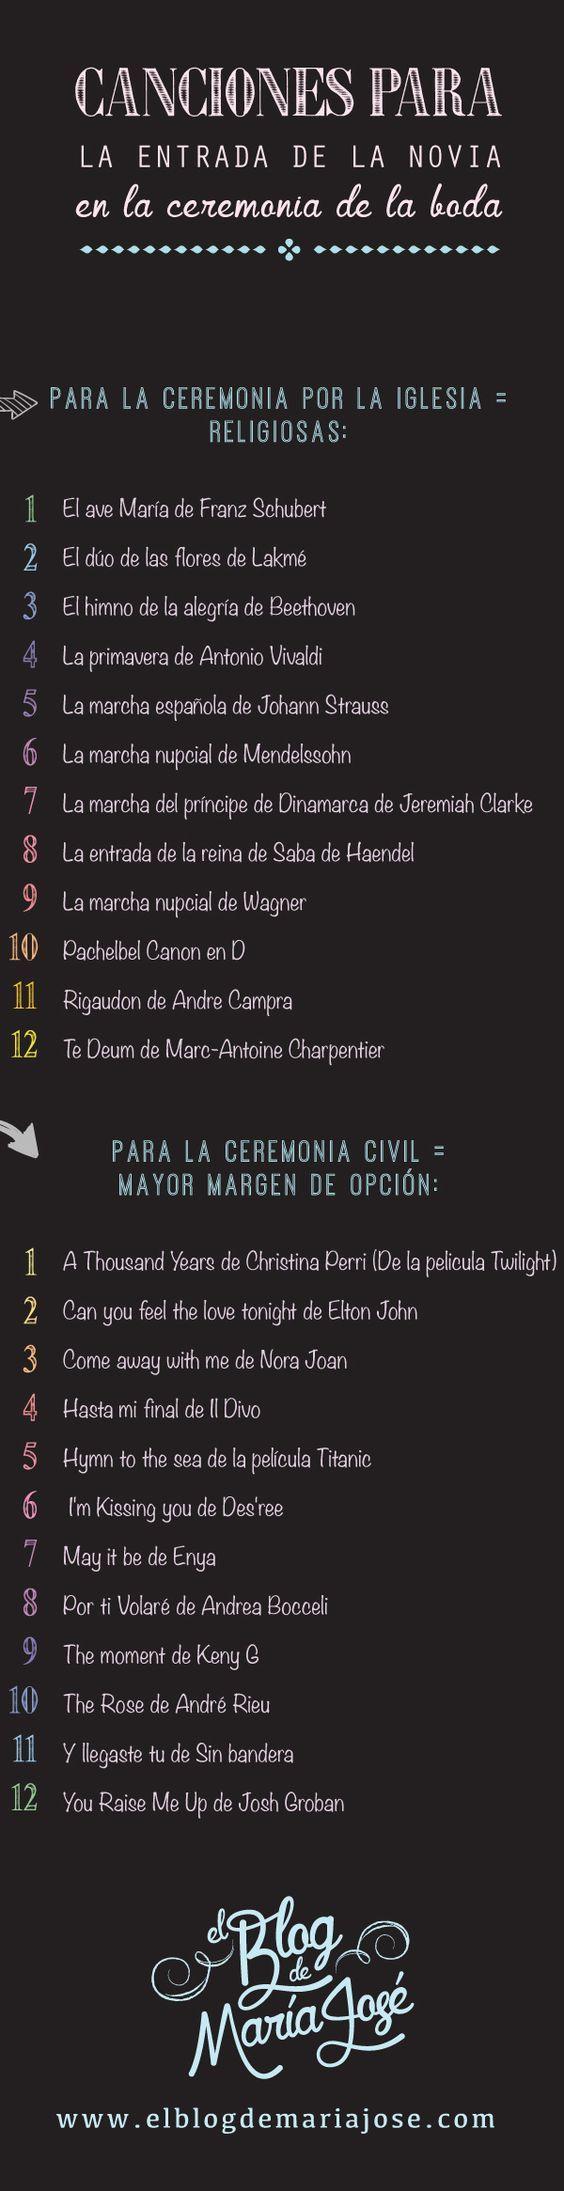 Canciones Para La Entrada De La Novia En La Ceremonia De La Boda Canciones De Boda Ceremonia De La Boda Boda